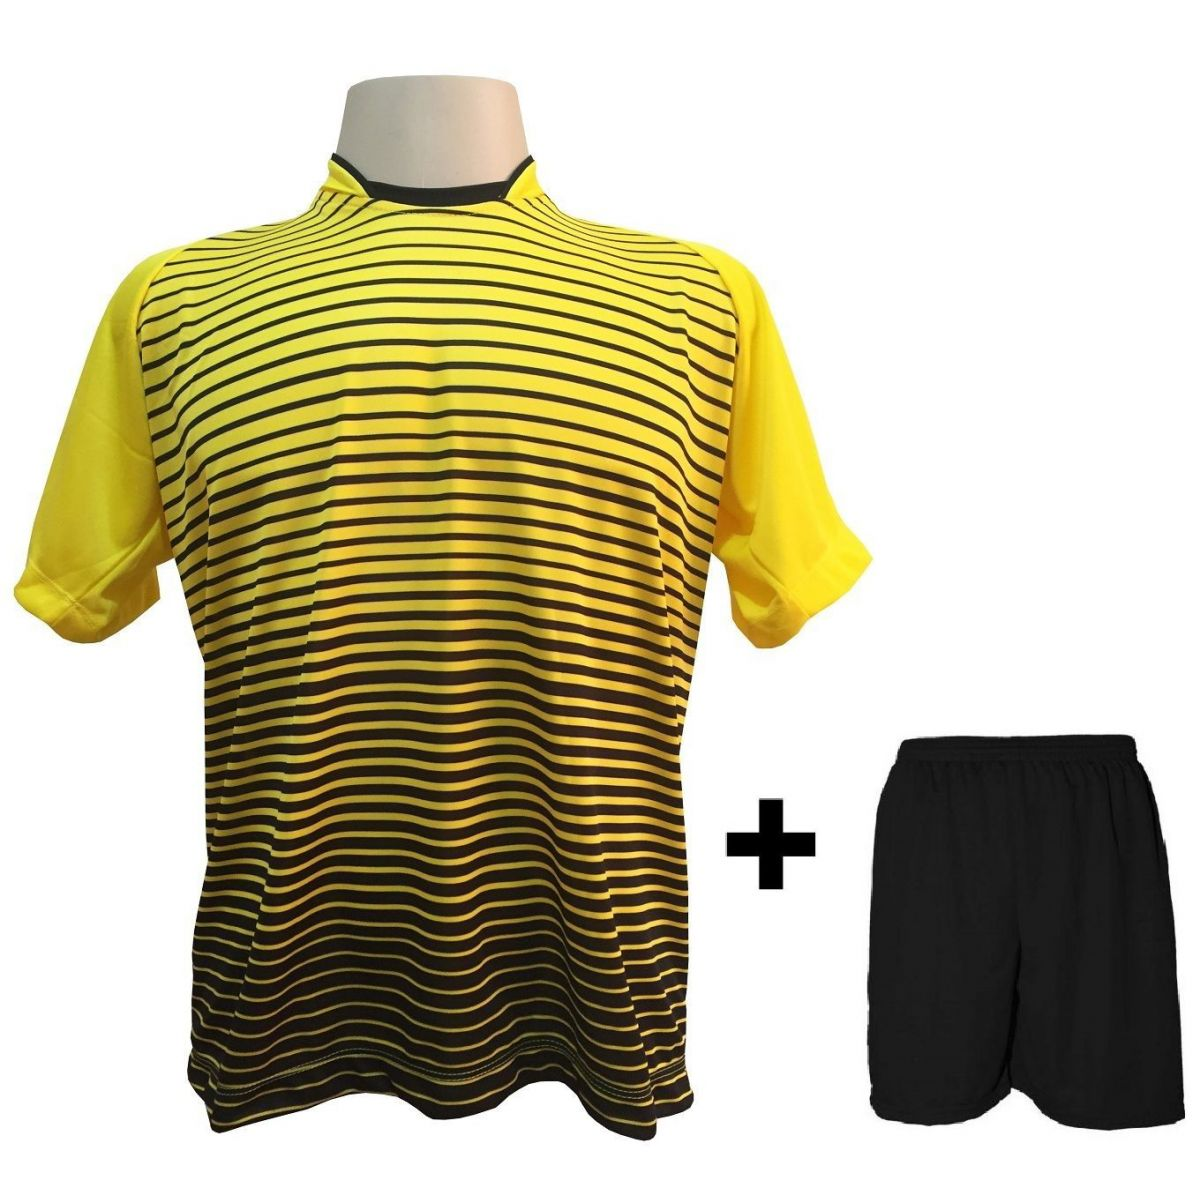 Uniforme Esportivo com 18 camisas modelo City Amarelo/Preto + 18 calções modelo Madrid + 1 Goleiro + Brindes